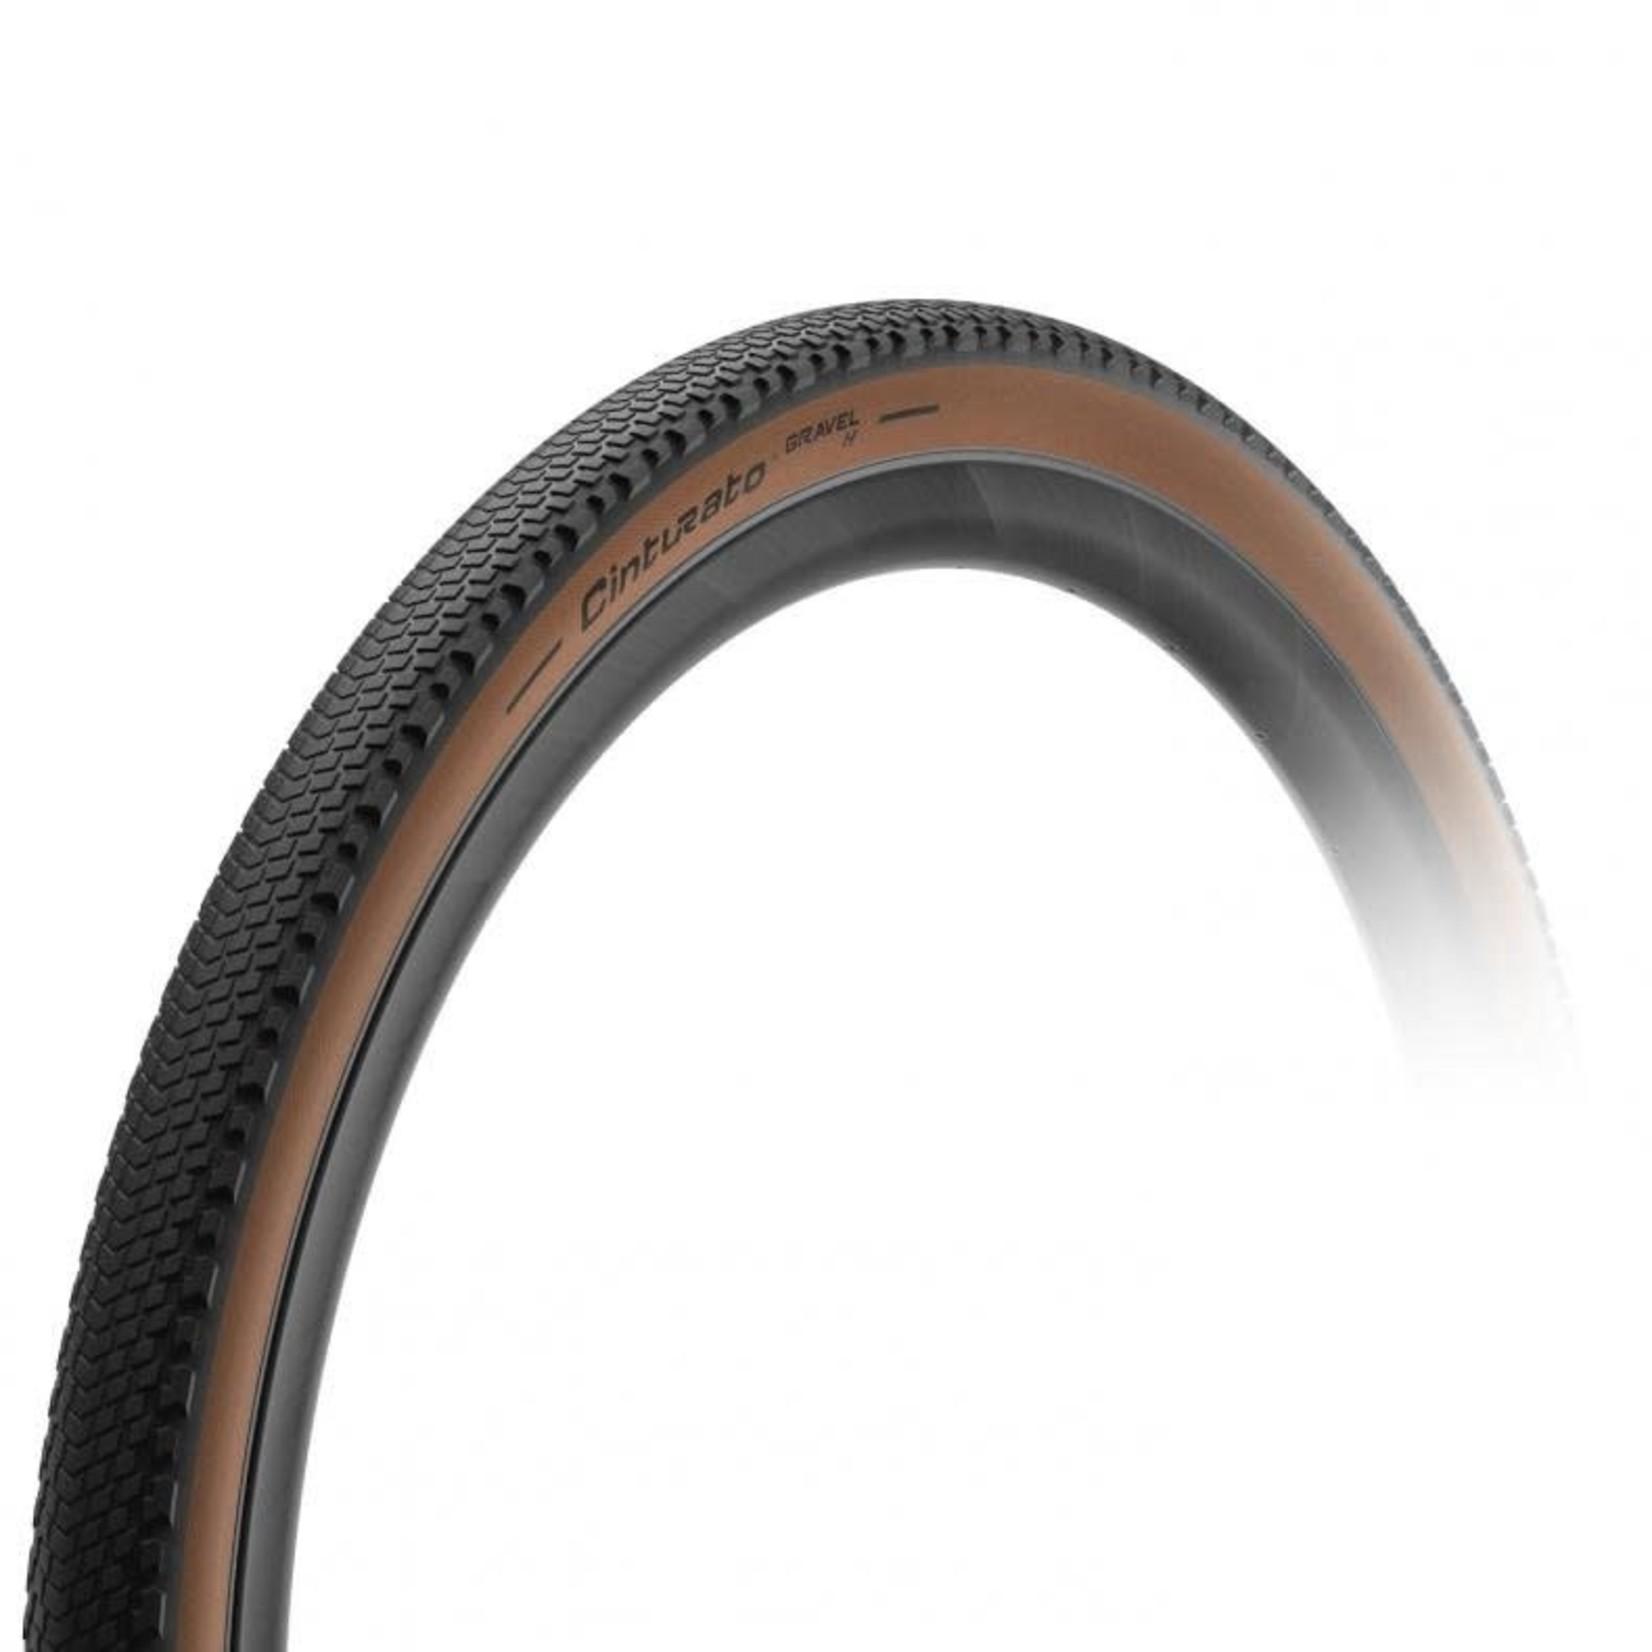 Pirelli Cinturato GRAVEL H-Classic Para-40-622